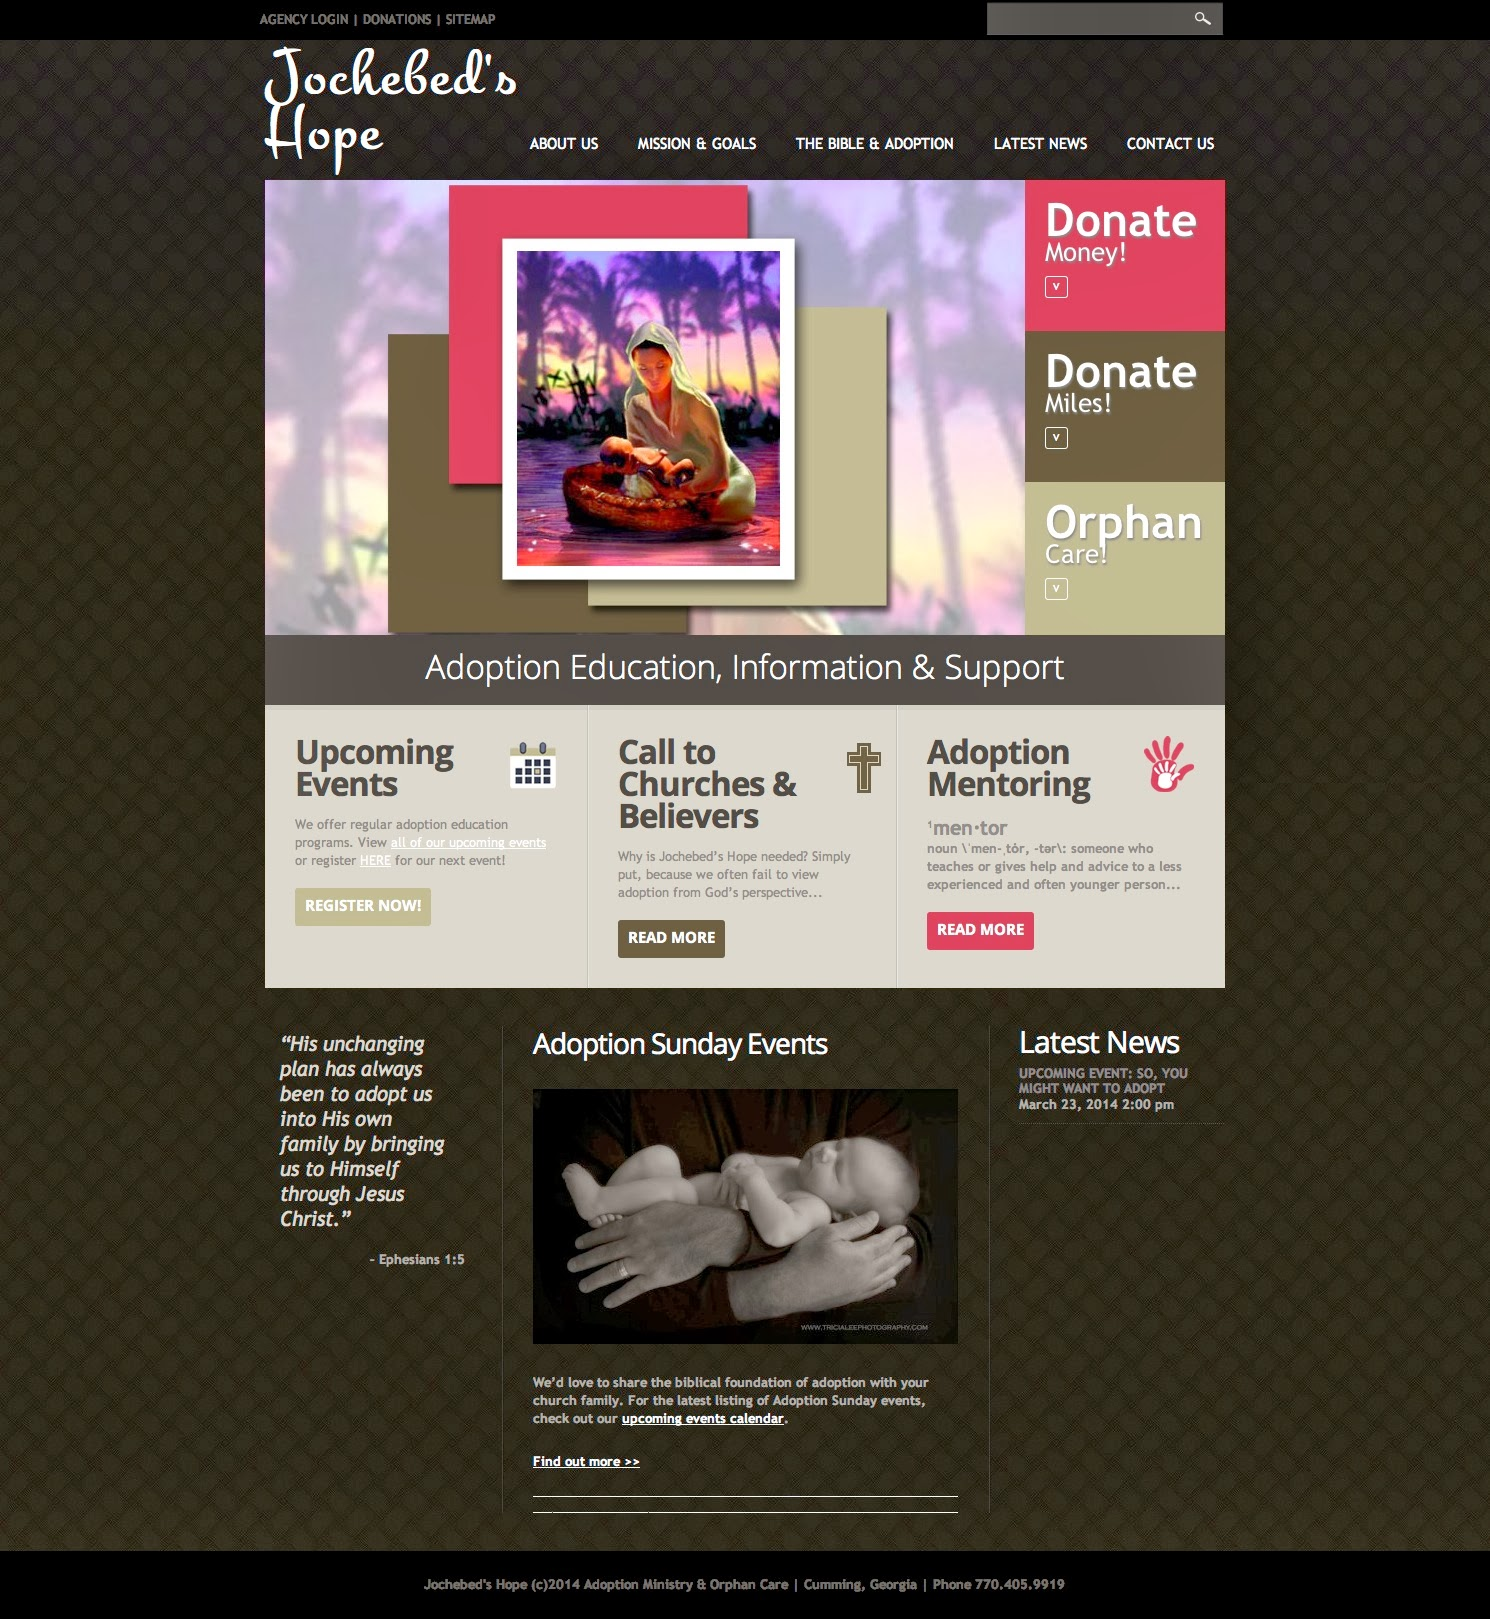 Website Launch: Jochebed's Hope